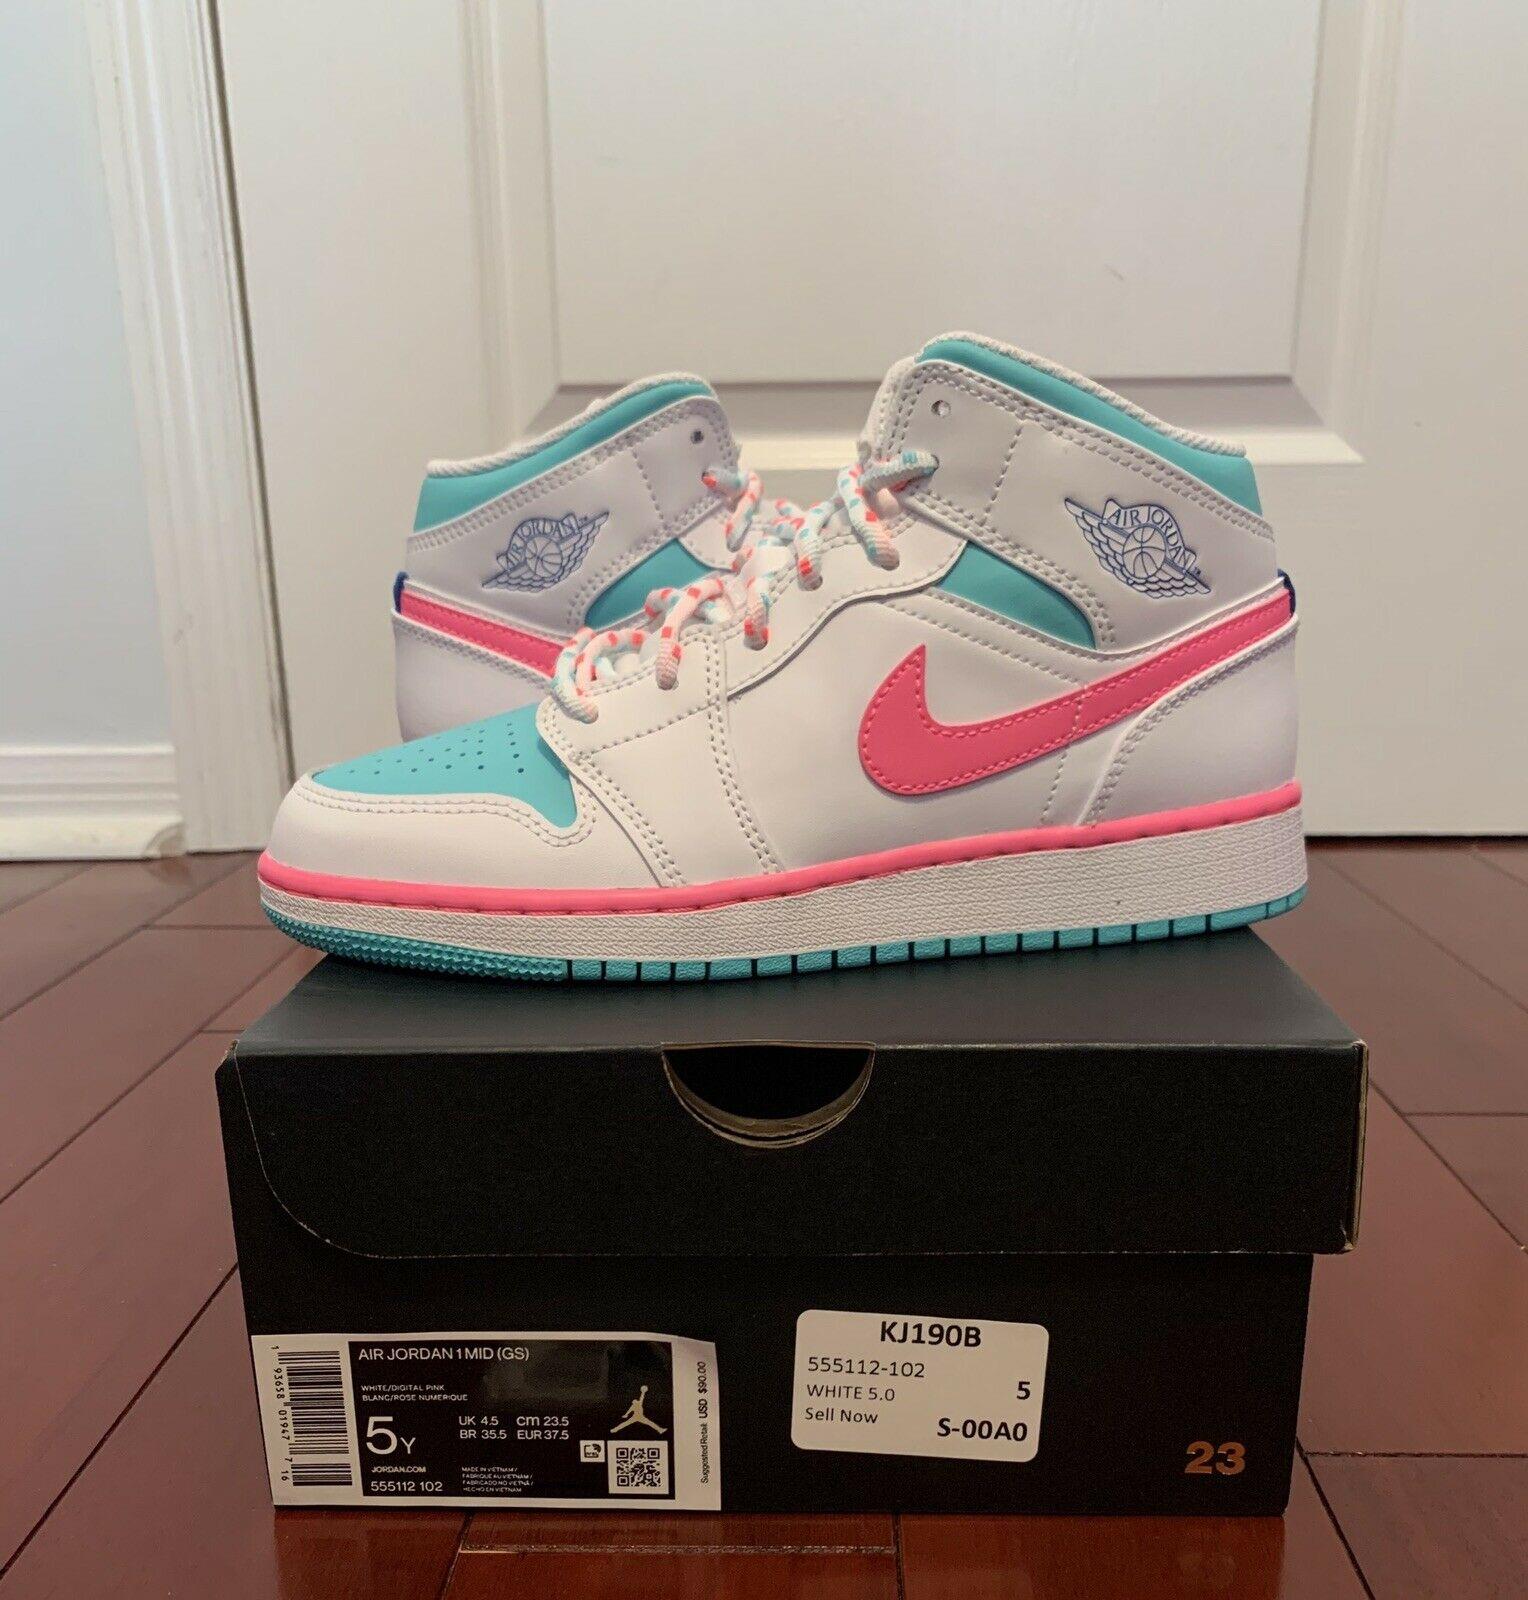 Jordan 1 Mid White Pink Green Soar GS